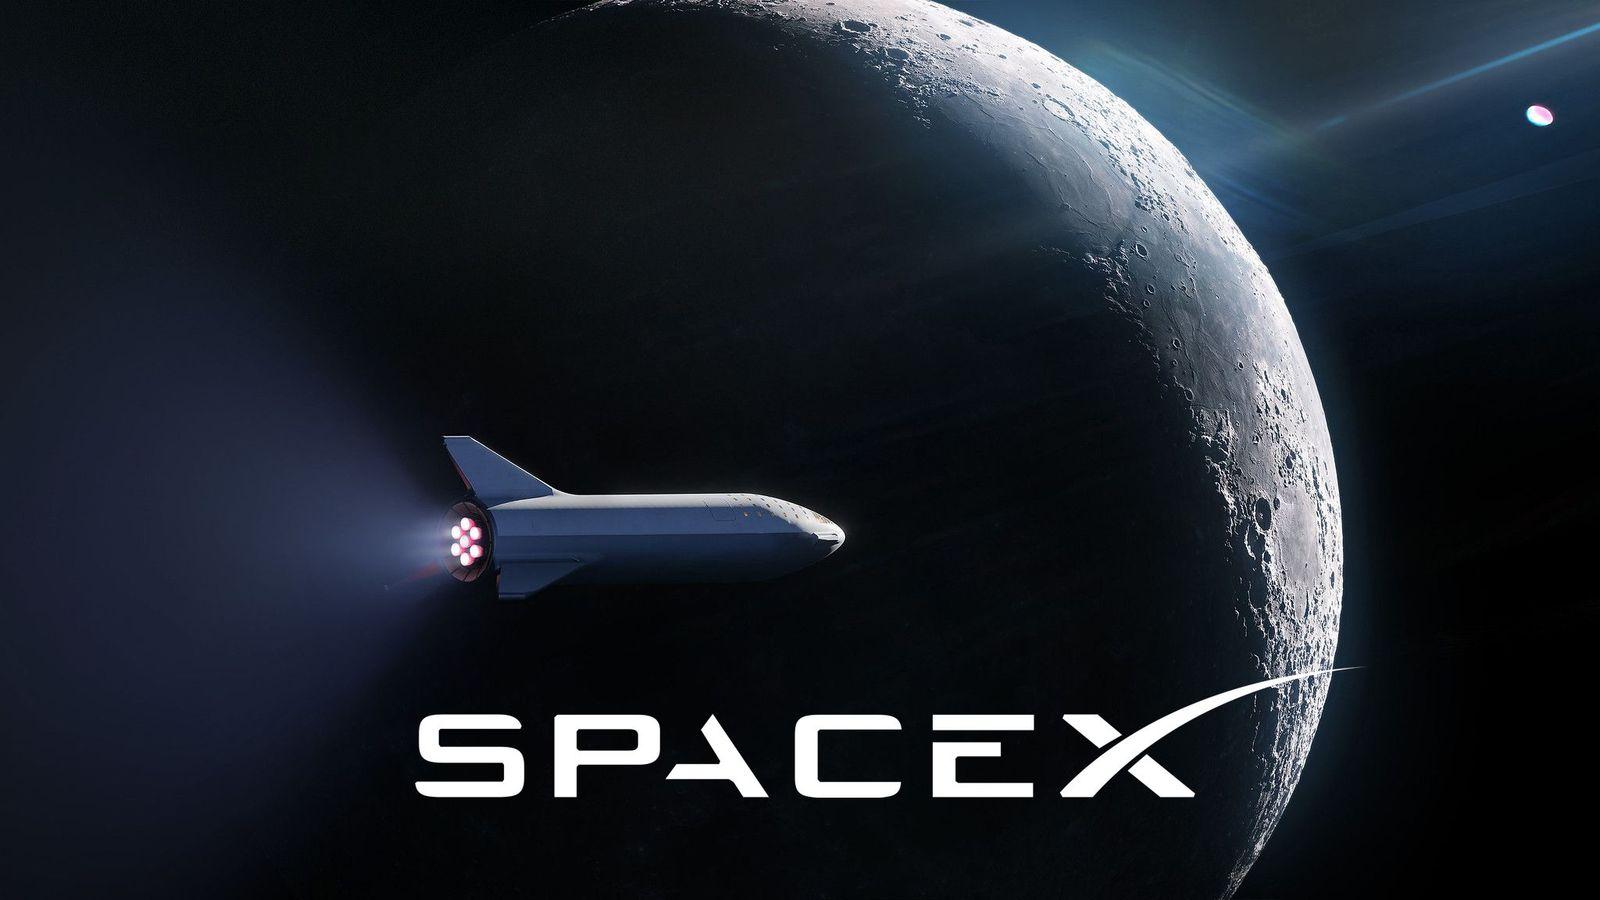 Пентагон заключил контракт с компанией SpaceX